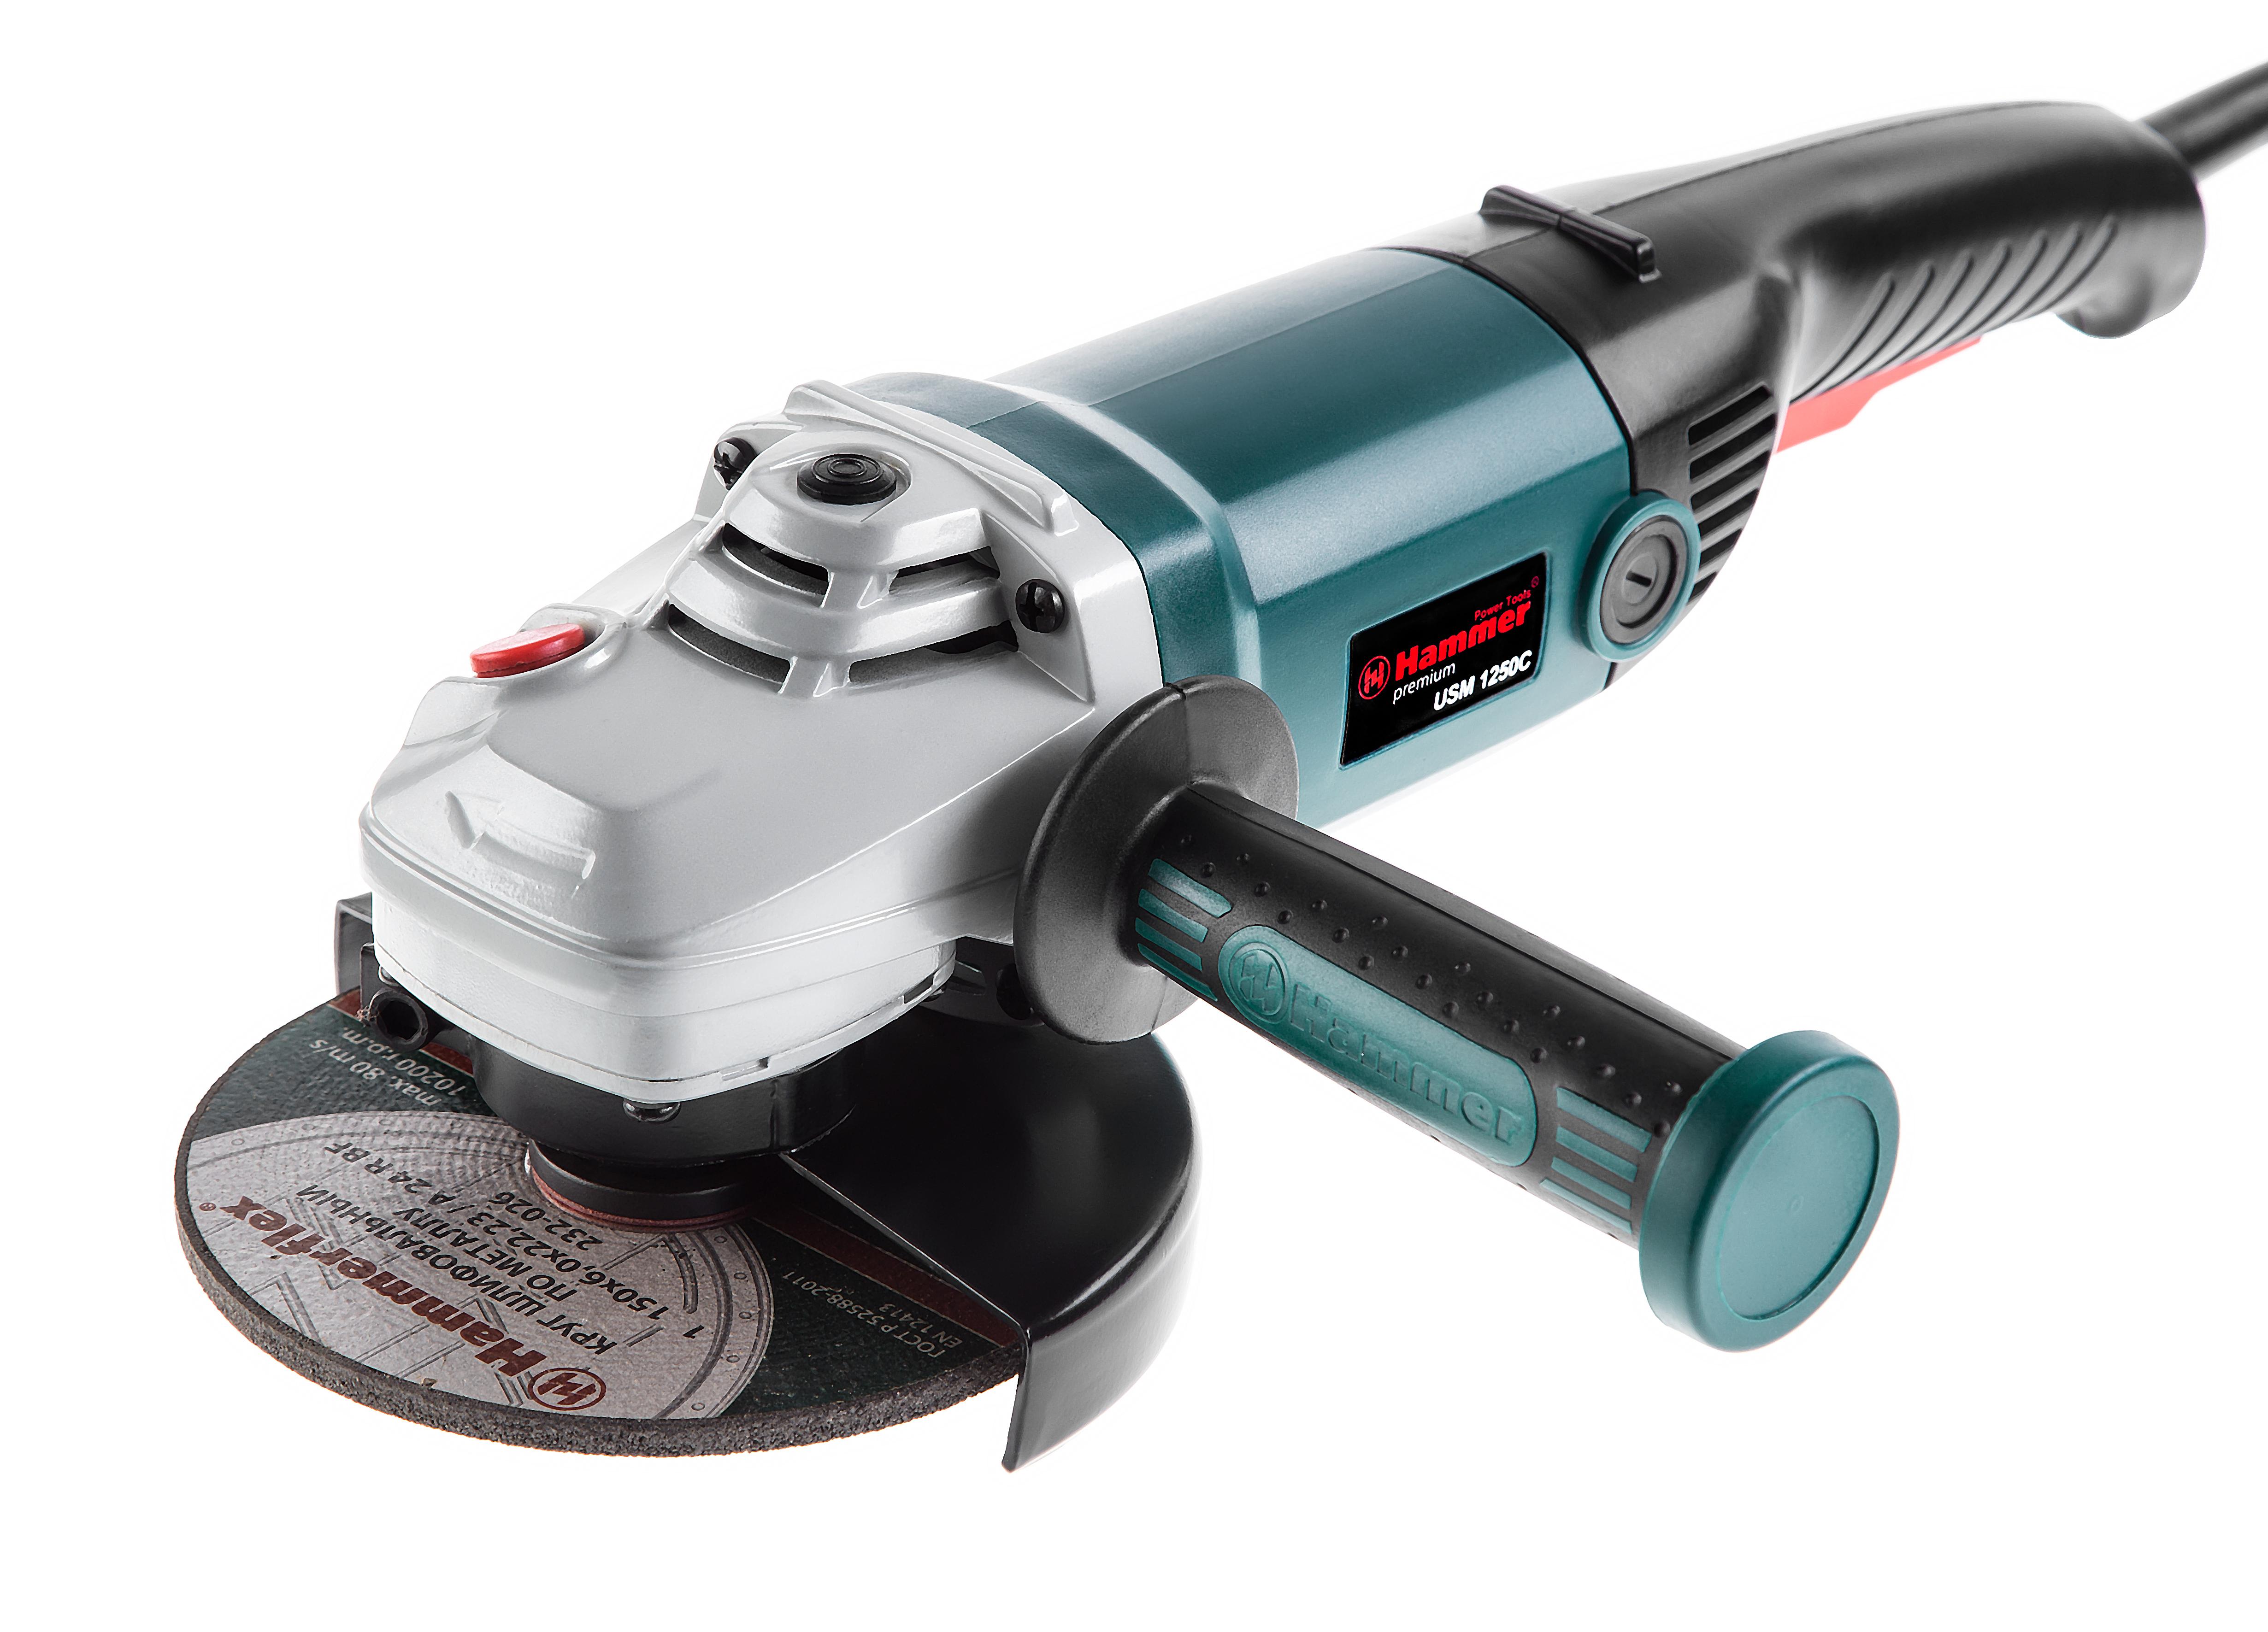 УШМ (болгарка) Hammer Usm1250c premium